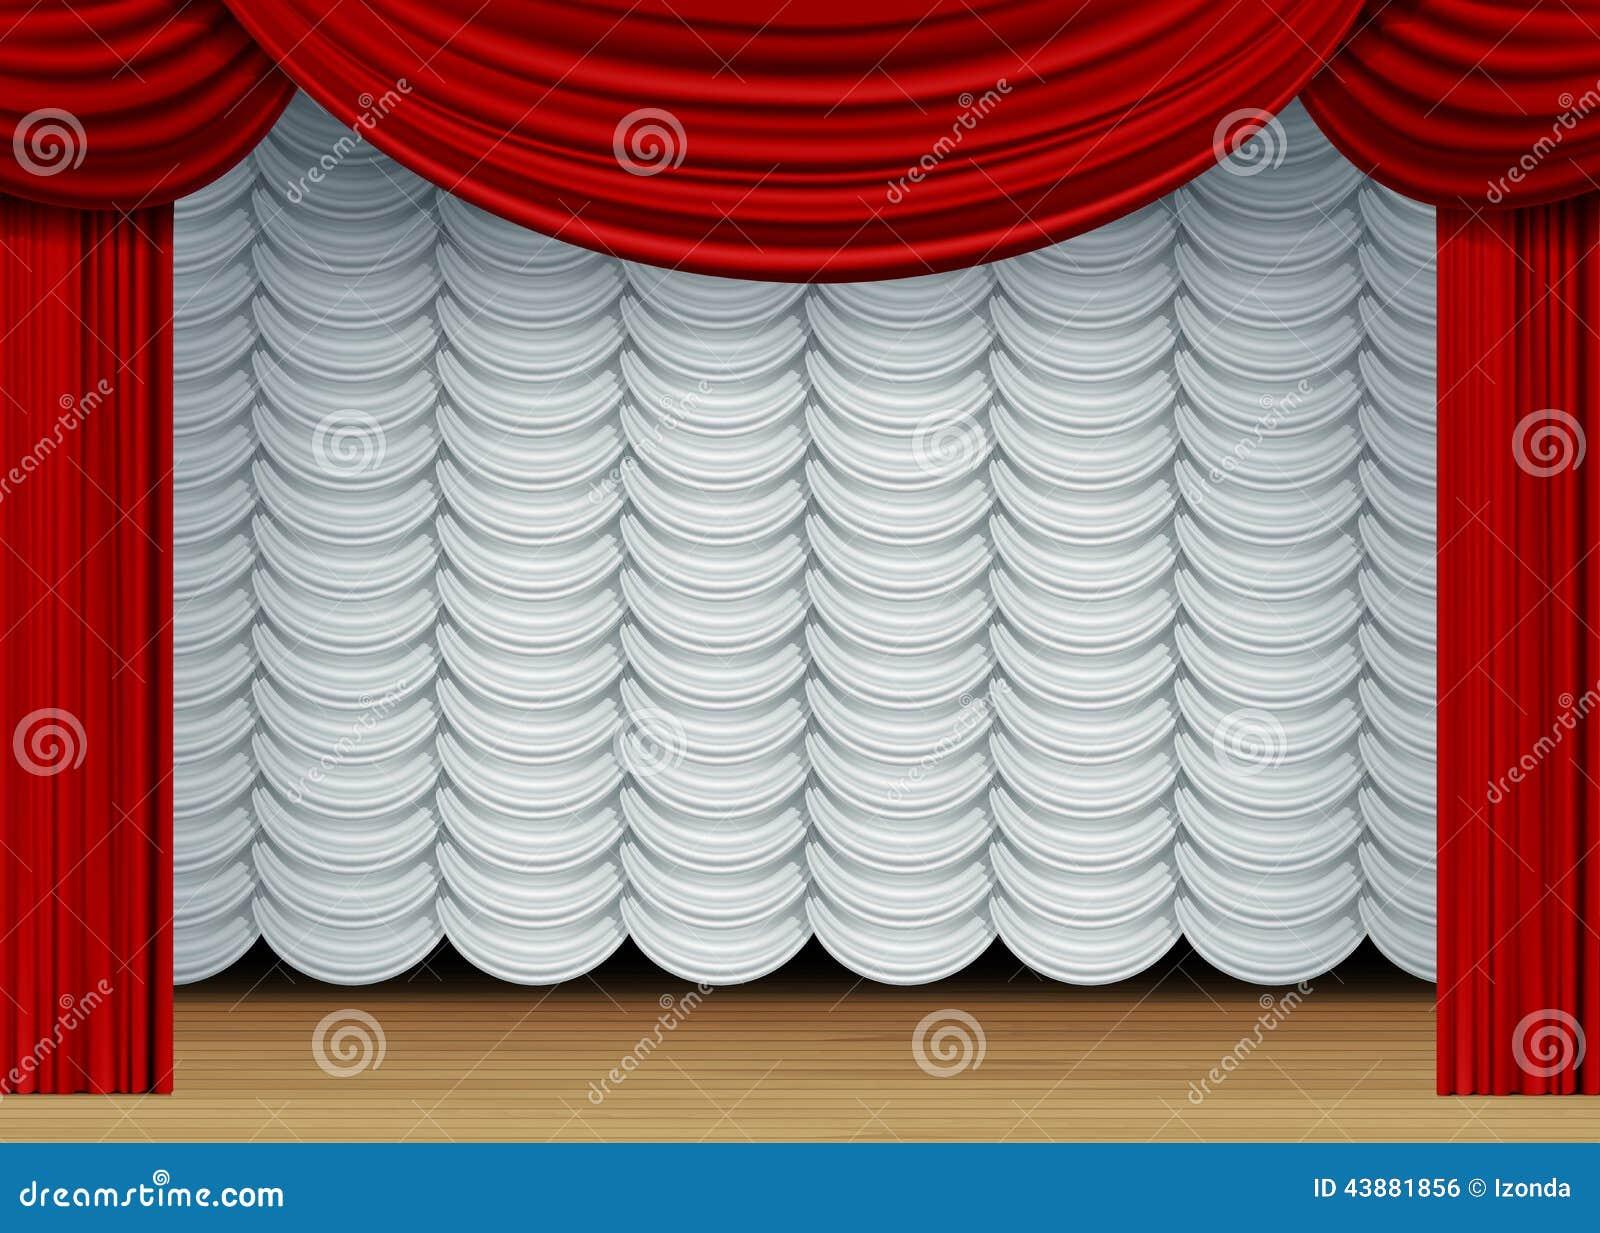 escena del vector con las cortinas blancas y rojas imagen de archivo libre de regalas